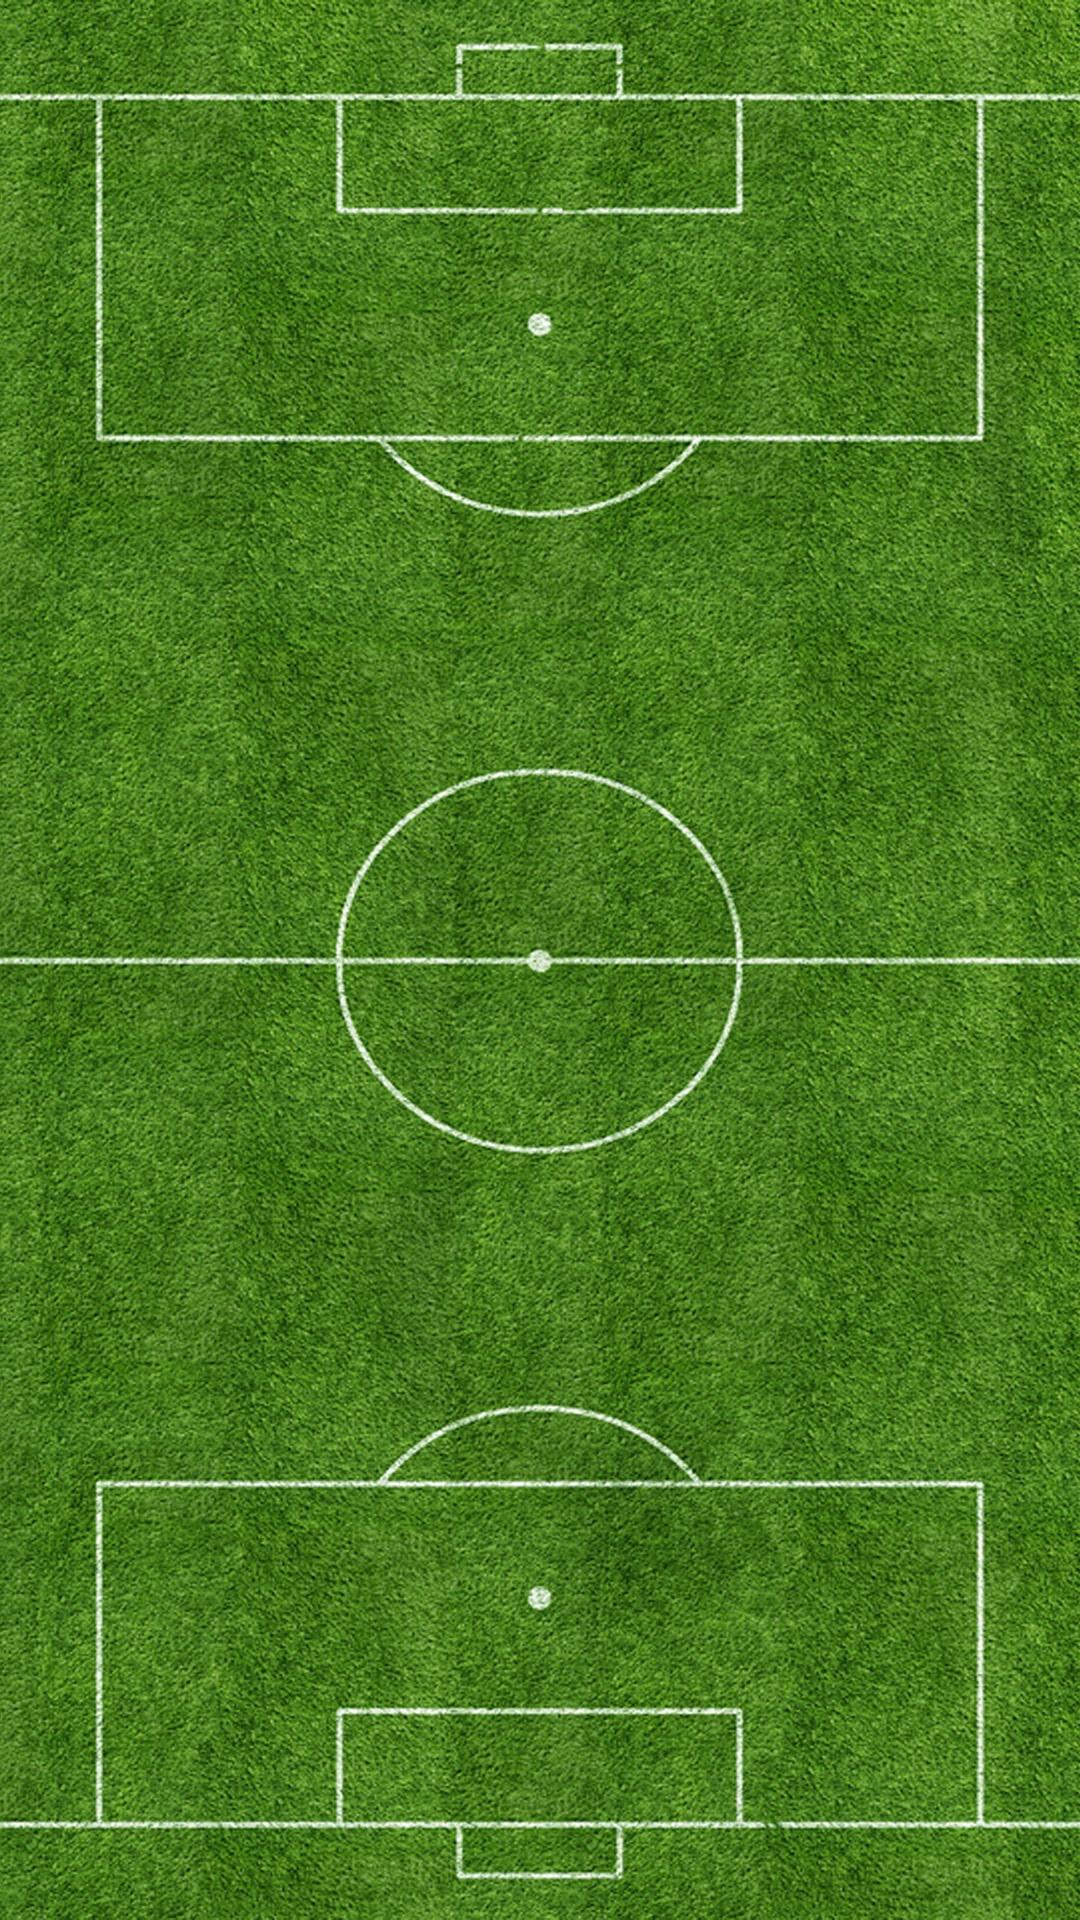 Как я браузерный 3D-футбол писала. Часть 1 - 3